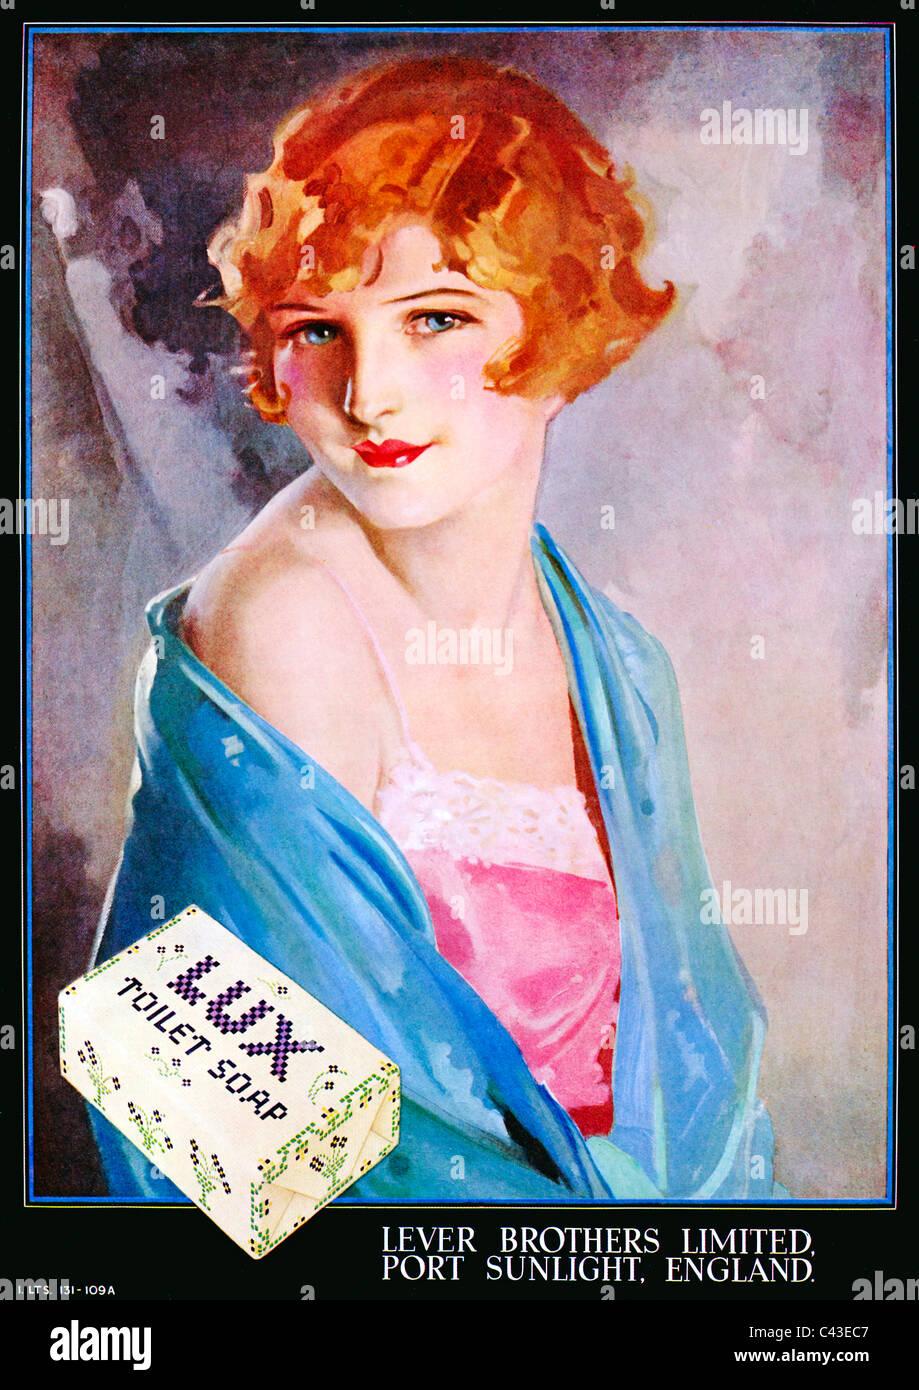 Lux Sapone da Toeletta, 1932 annuncio pubblicitario per la leva Bros sapone con un bel dipinto di una bella ragazza Immagini Stock